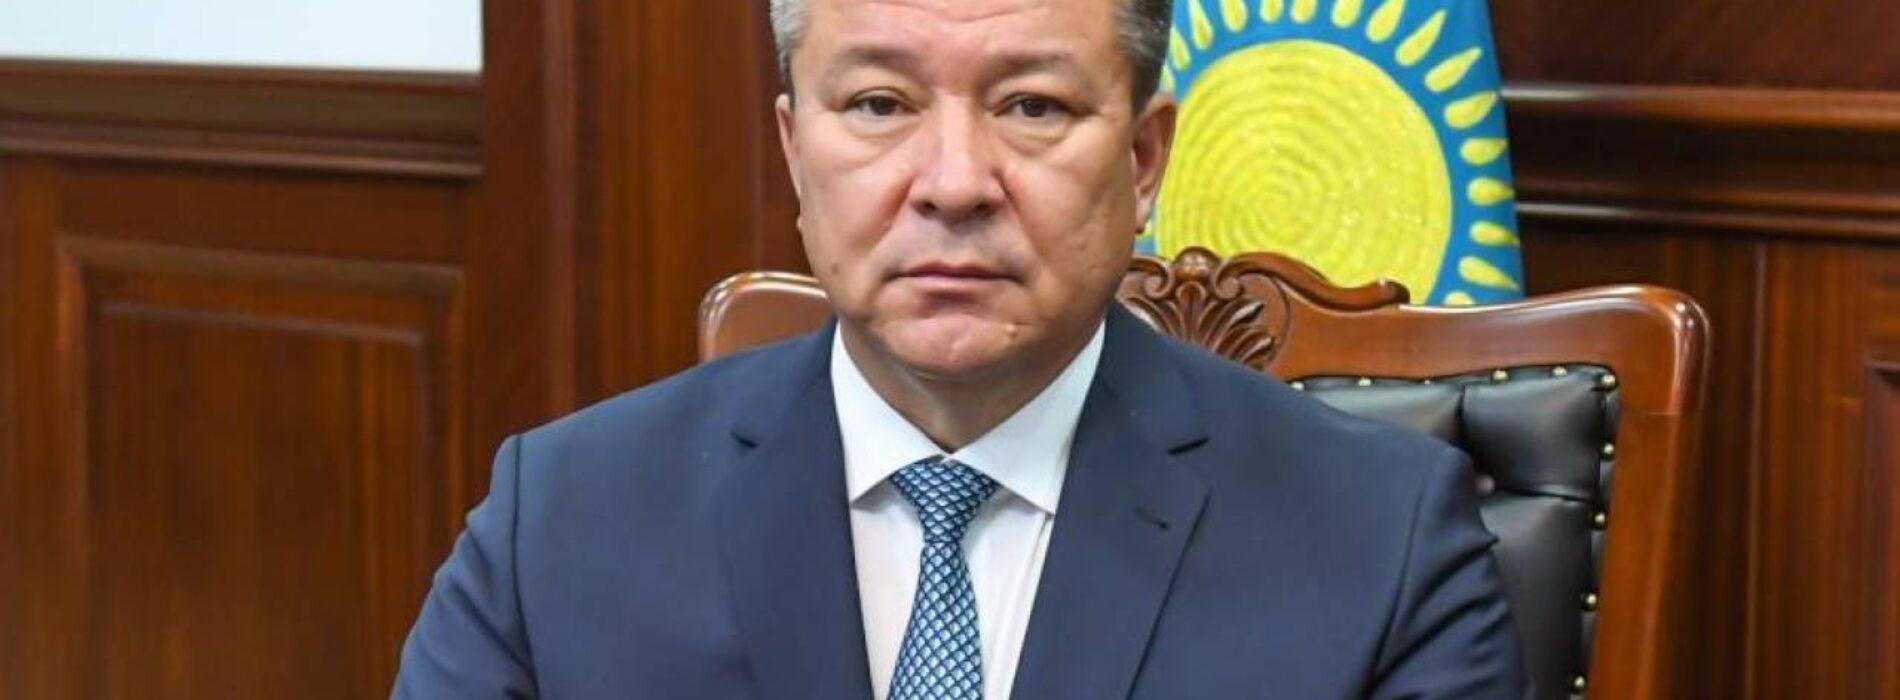 Суд вынес приговор экс-акиму Кызылординской области Искакову